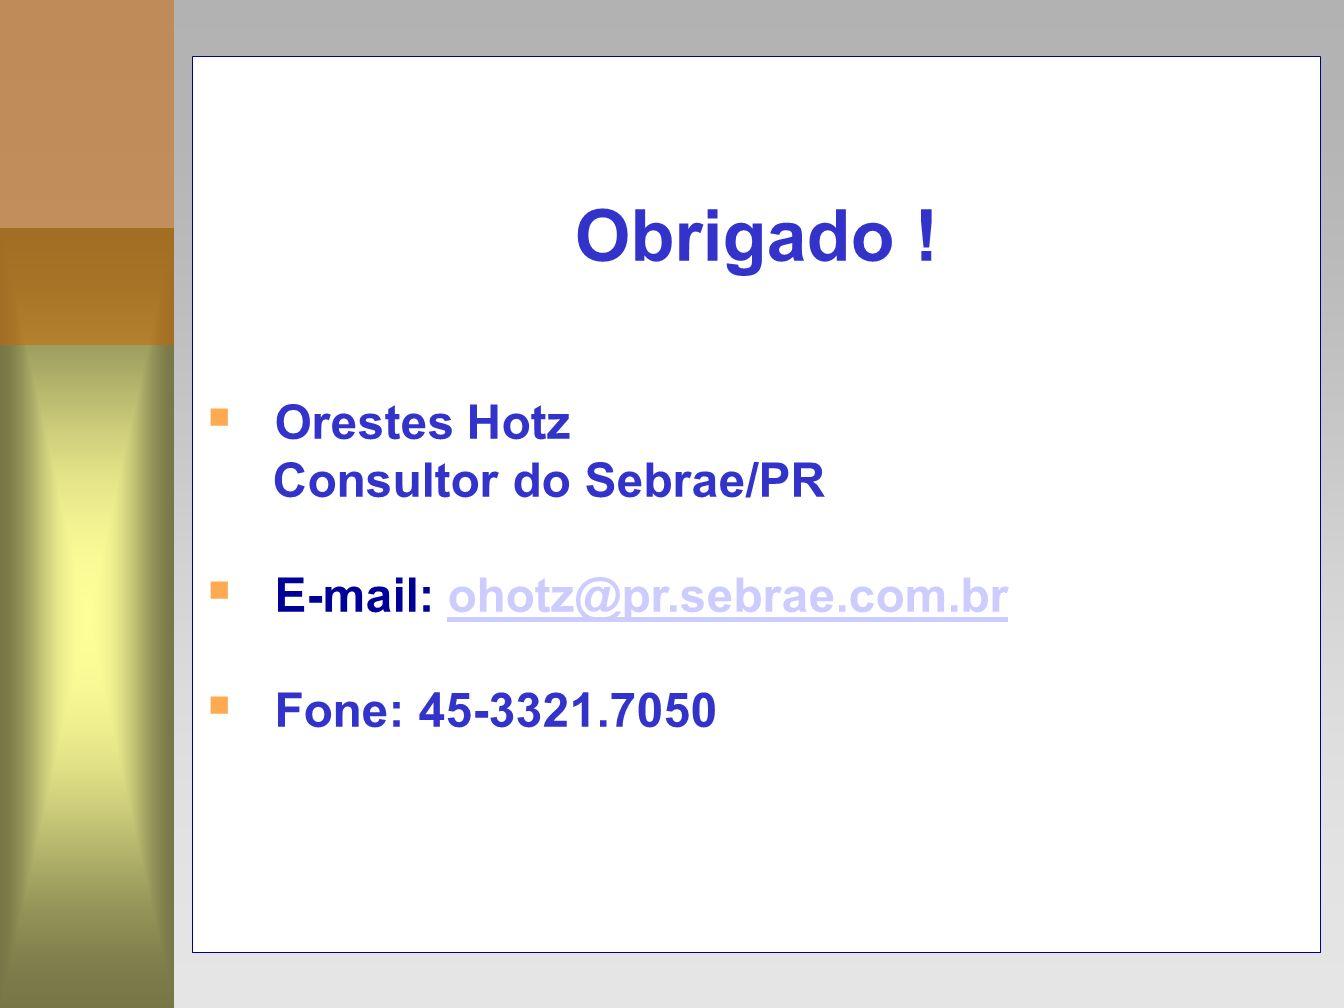 17 Obrigado ! Orestes Hotz Consultor do Sebrae/PR E-mail: ohotz@pr.sebrae.com.brohotz@pr.sebrae.com.br Fone: 45-3321.7050